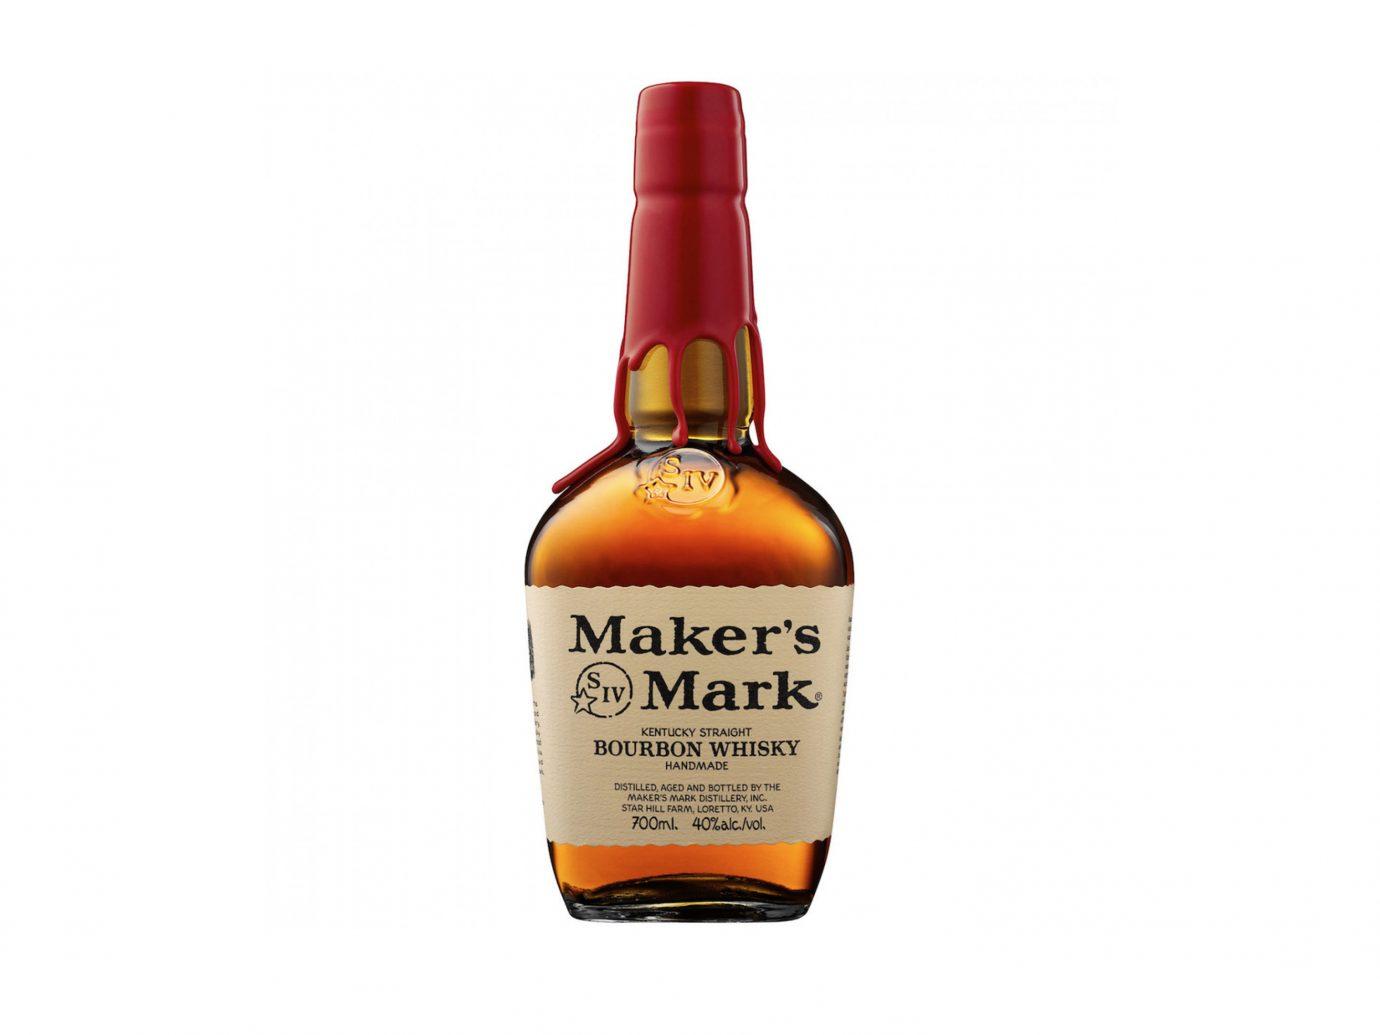 Maker's Mark Bourbon Whisky